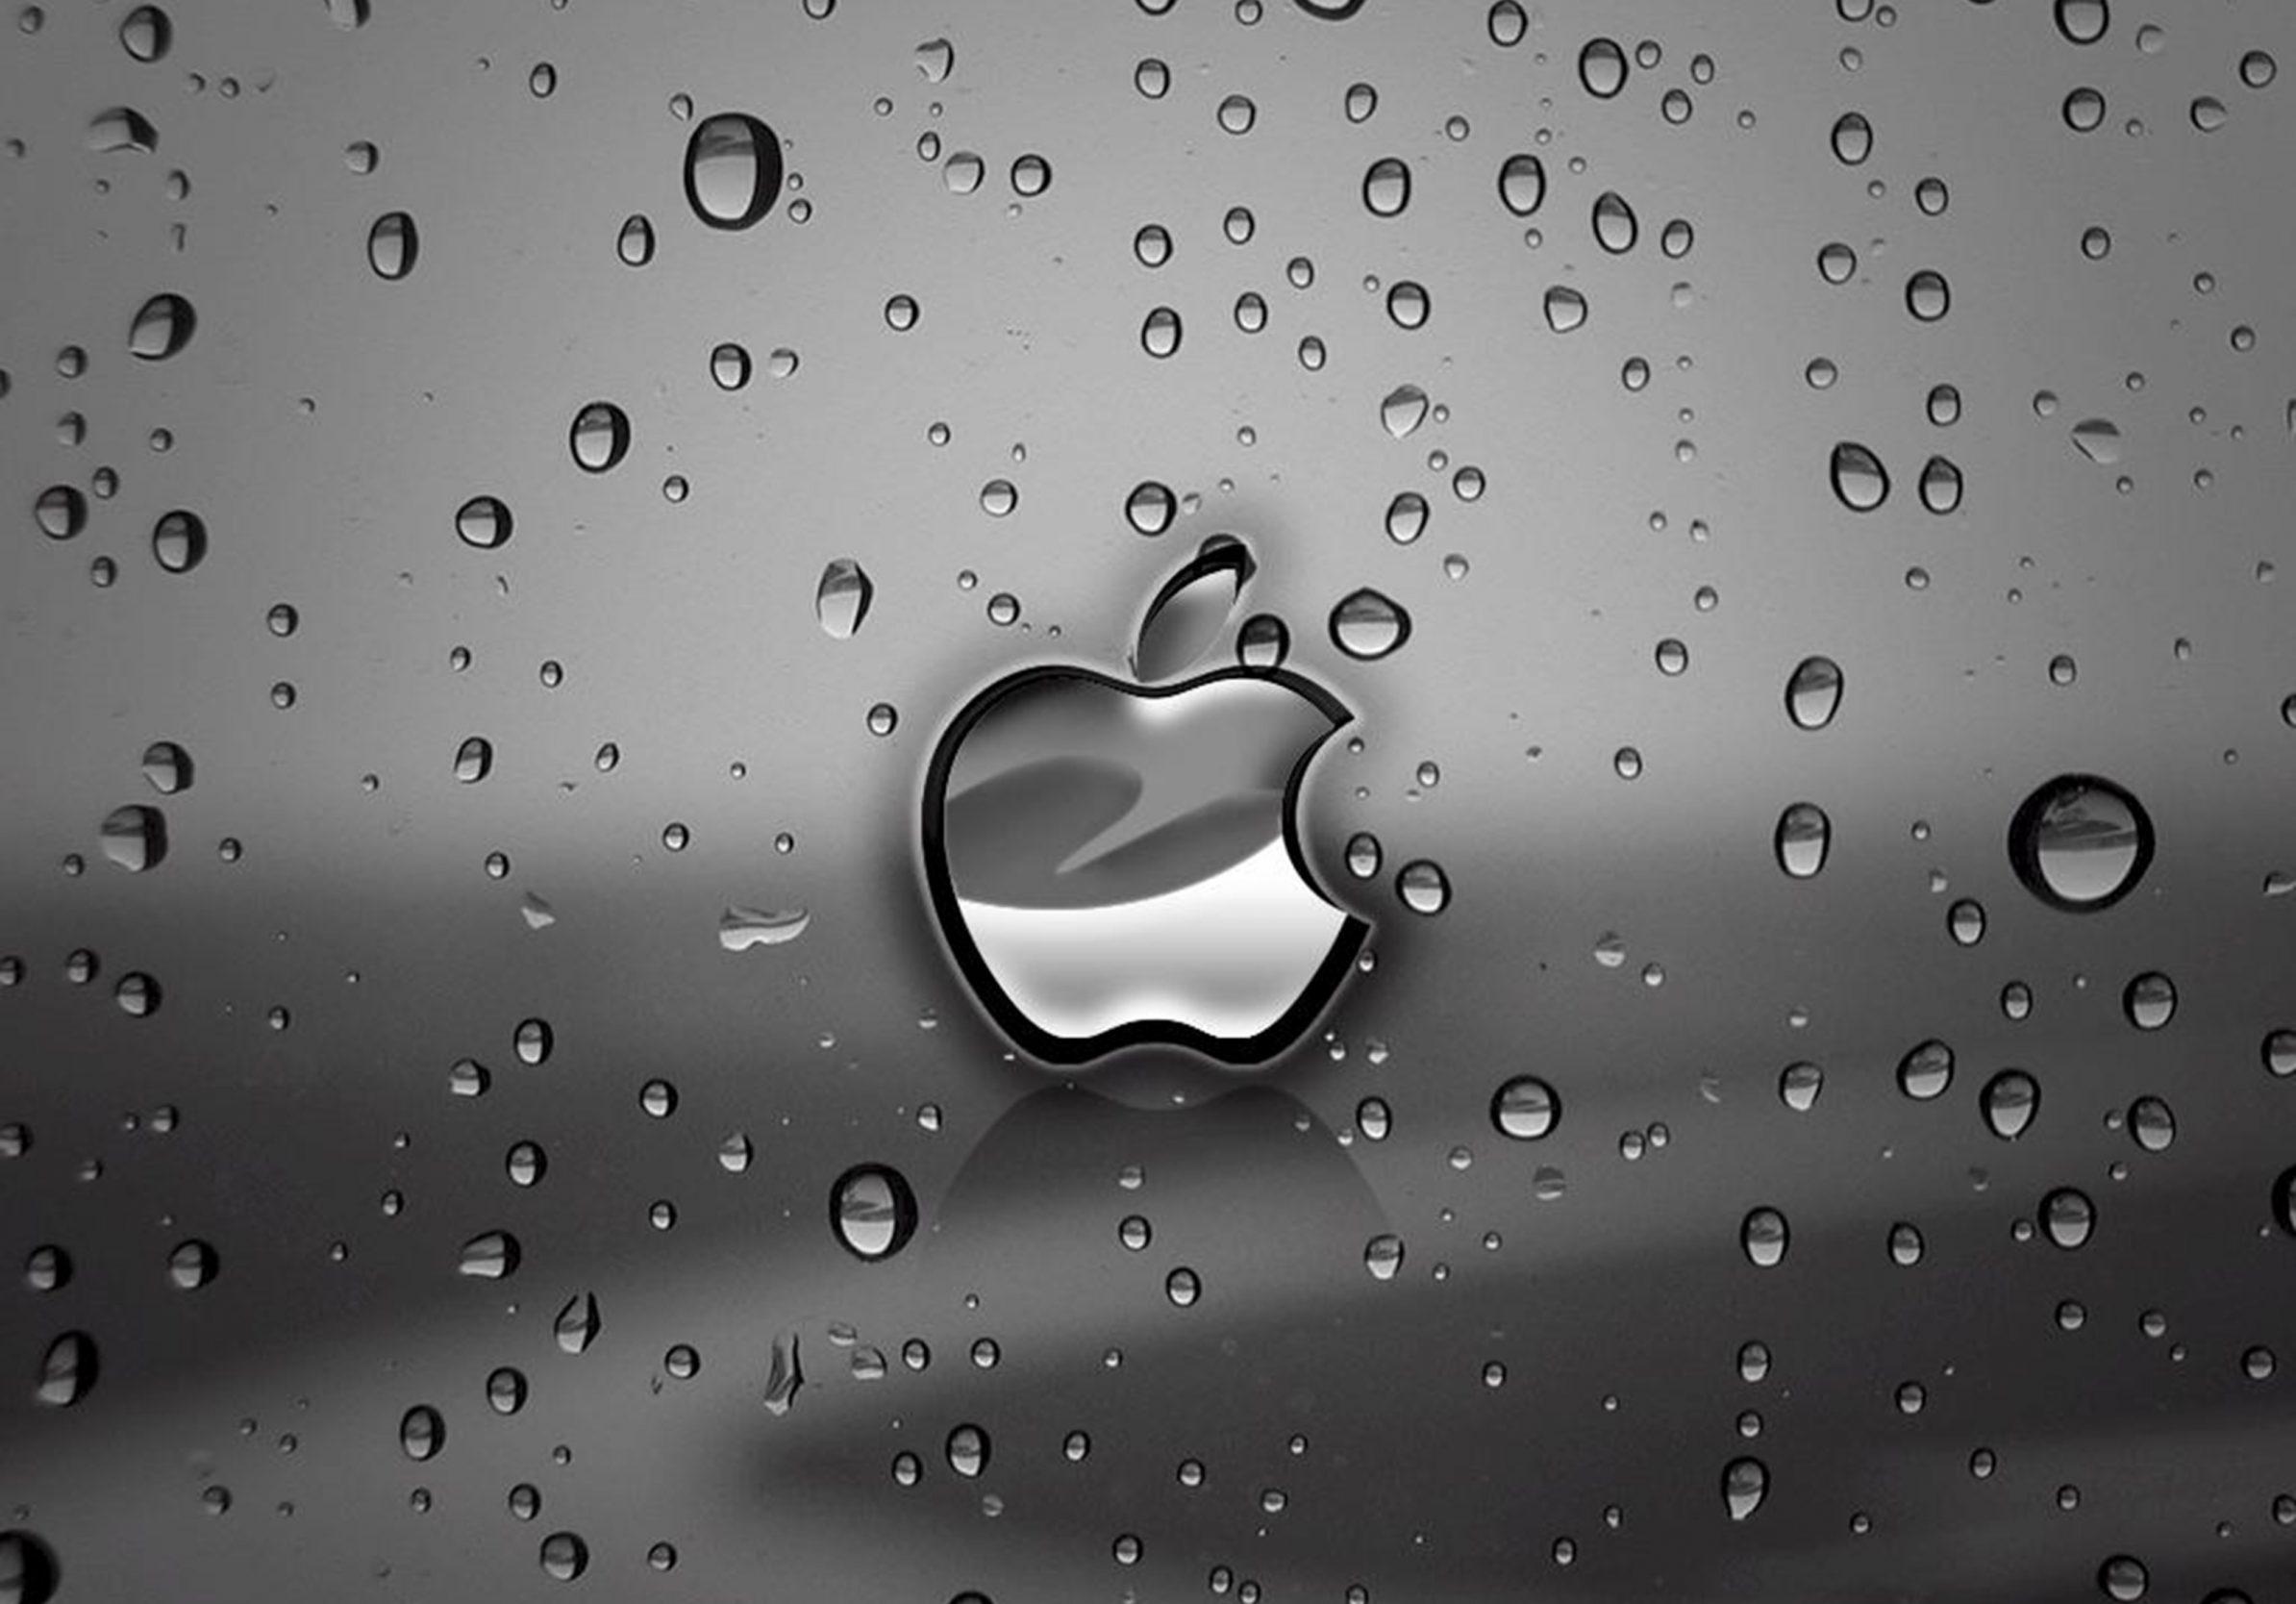 2388x1668 iPad Pro wallpapers Apple Rain Ipad Wallpaper 2388x1668 pixels resolution